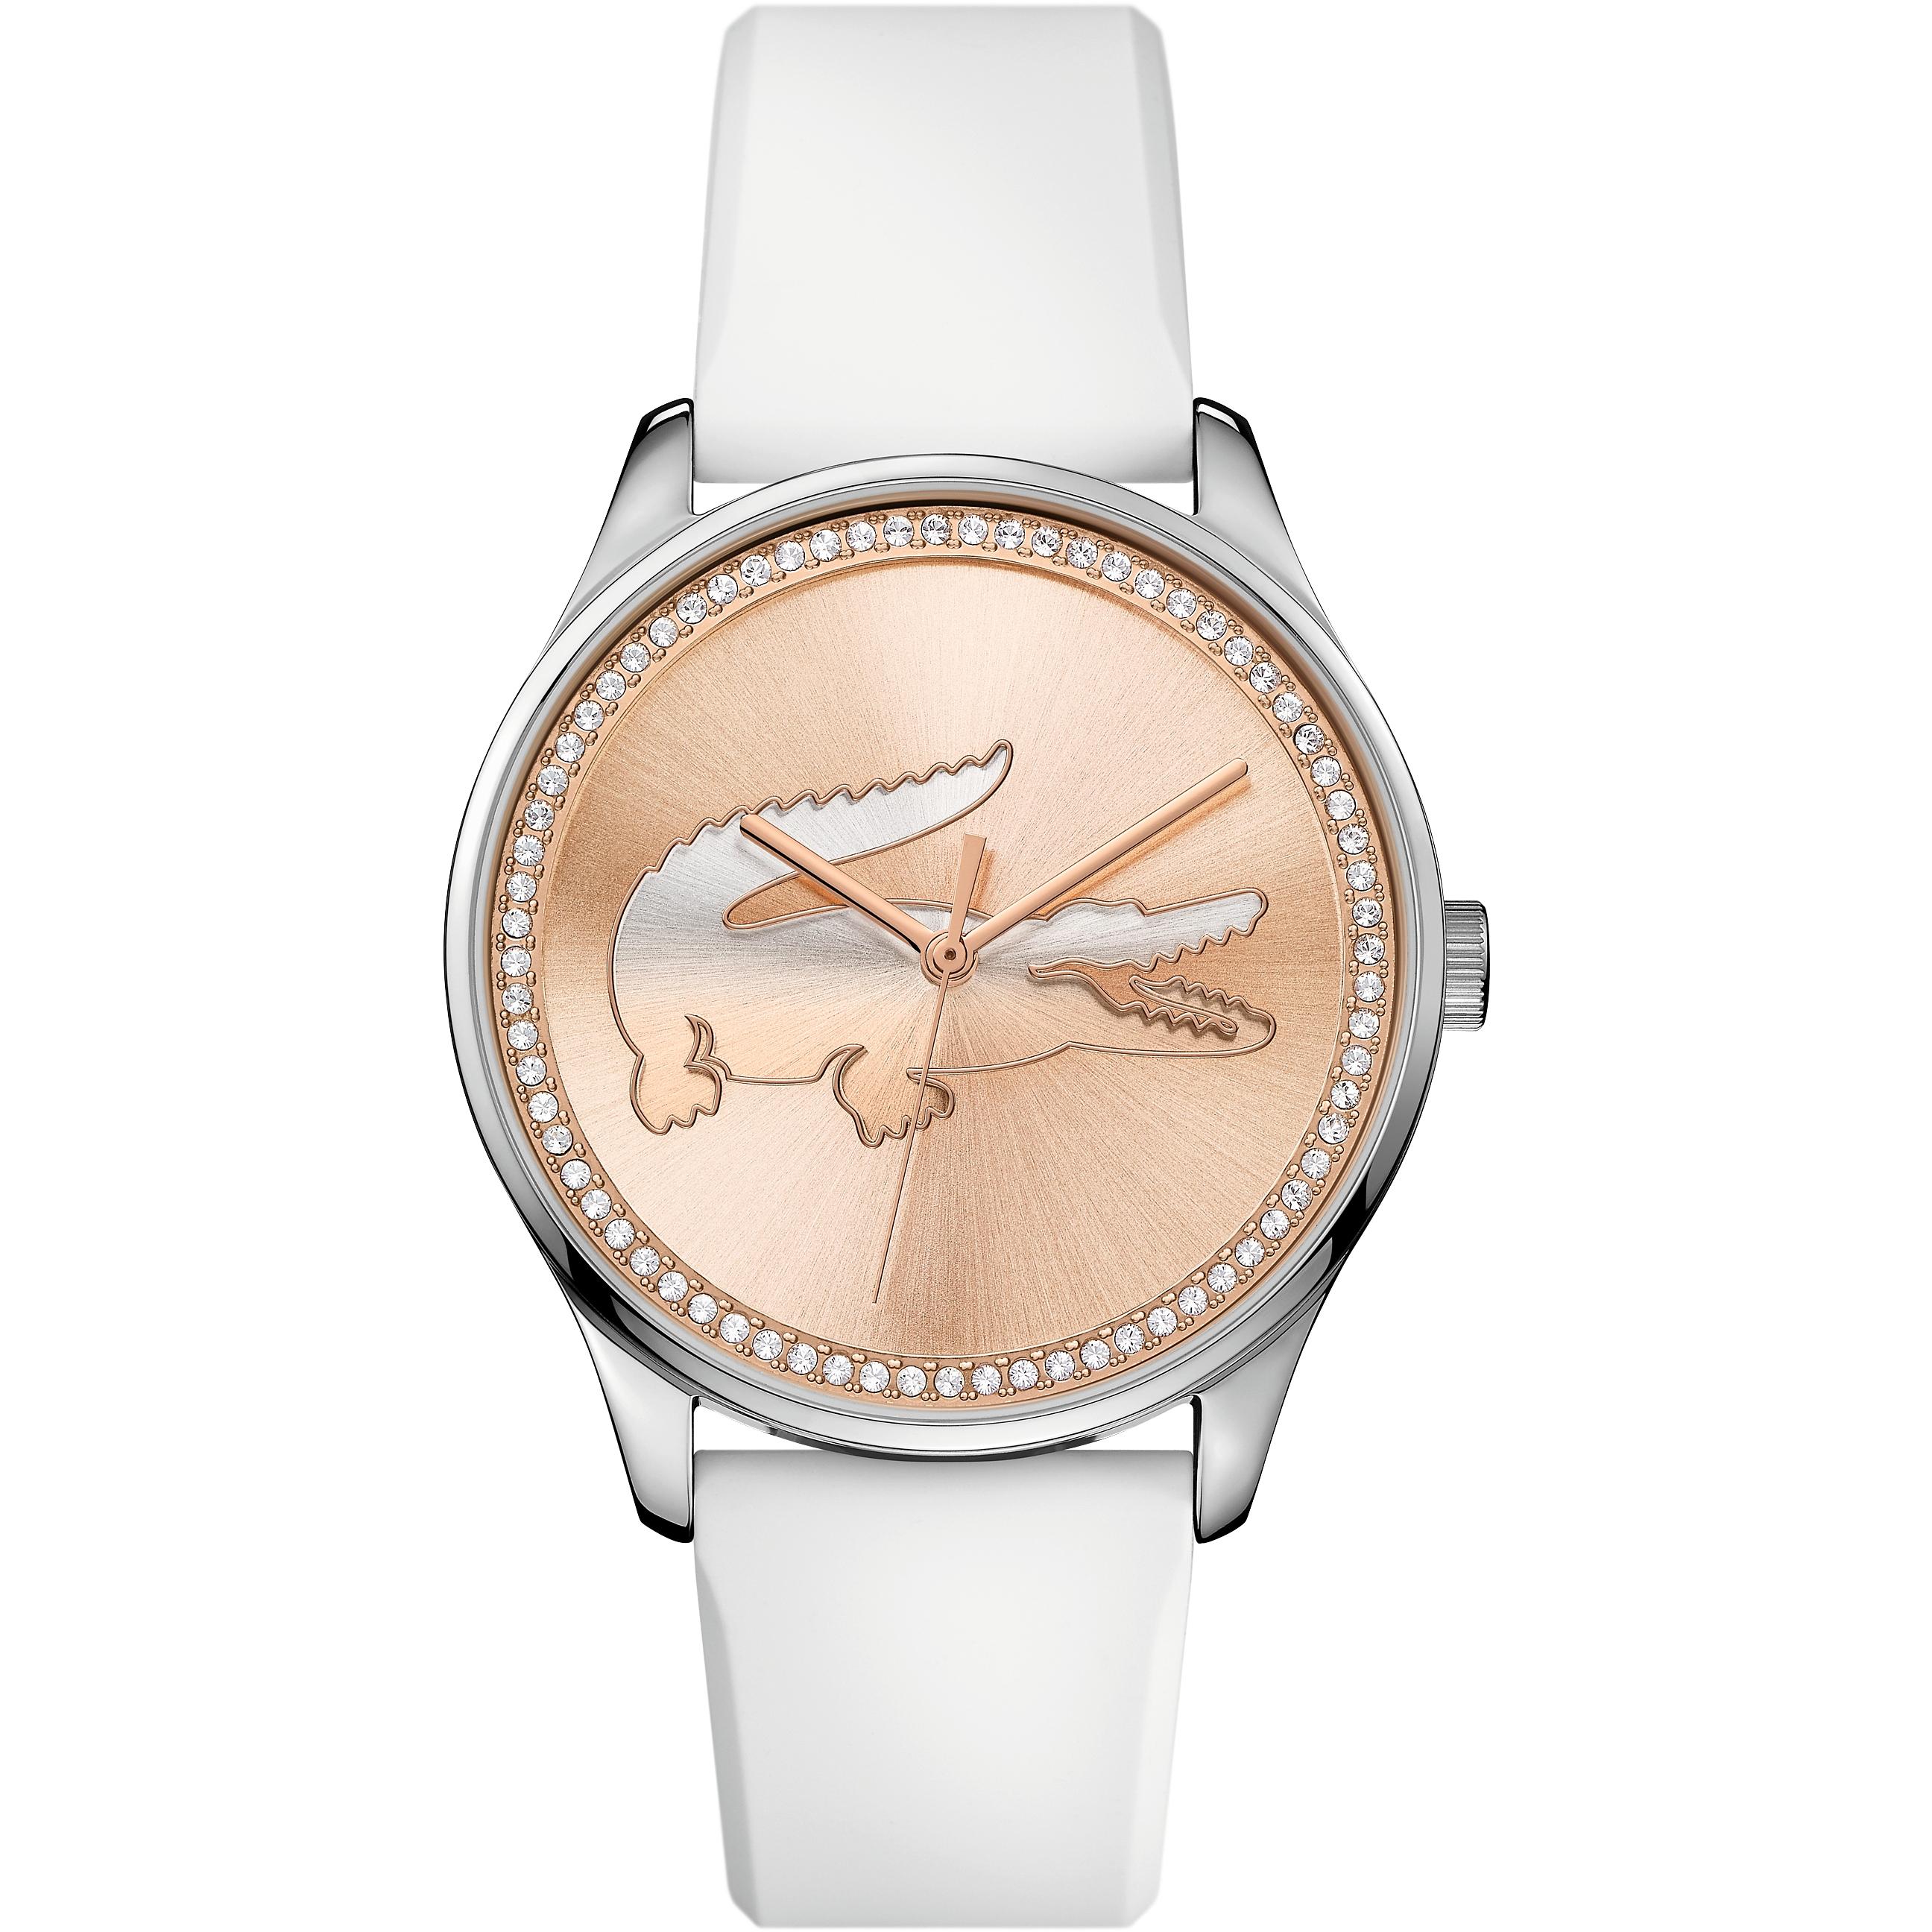 Lacoste & Tommy Hilfiger Heren & Dames horloges